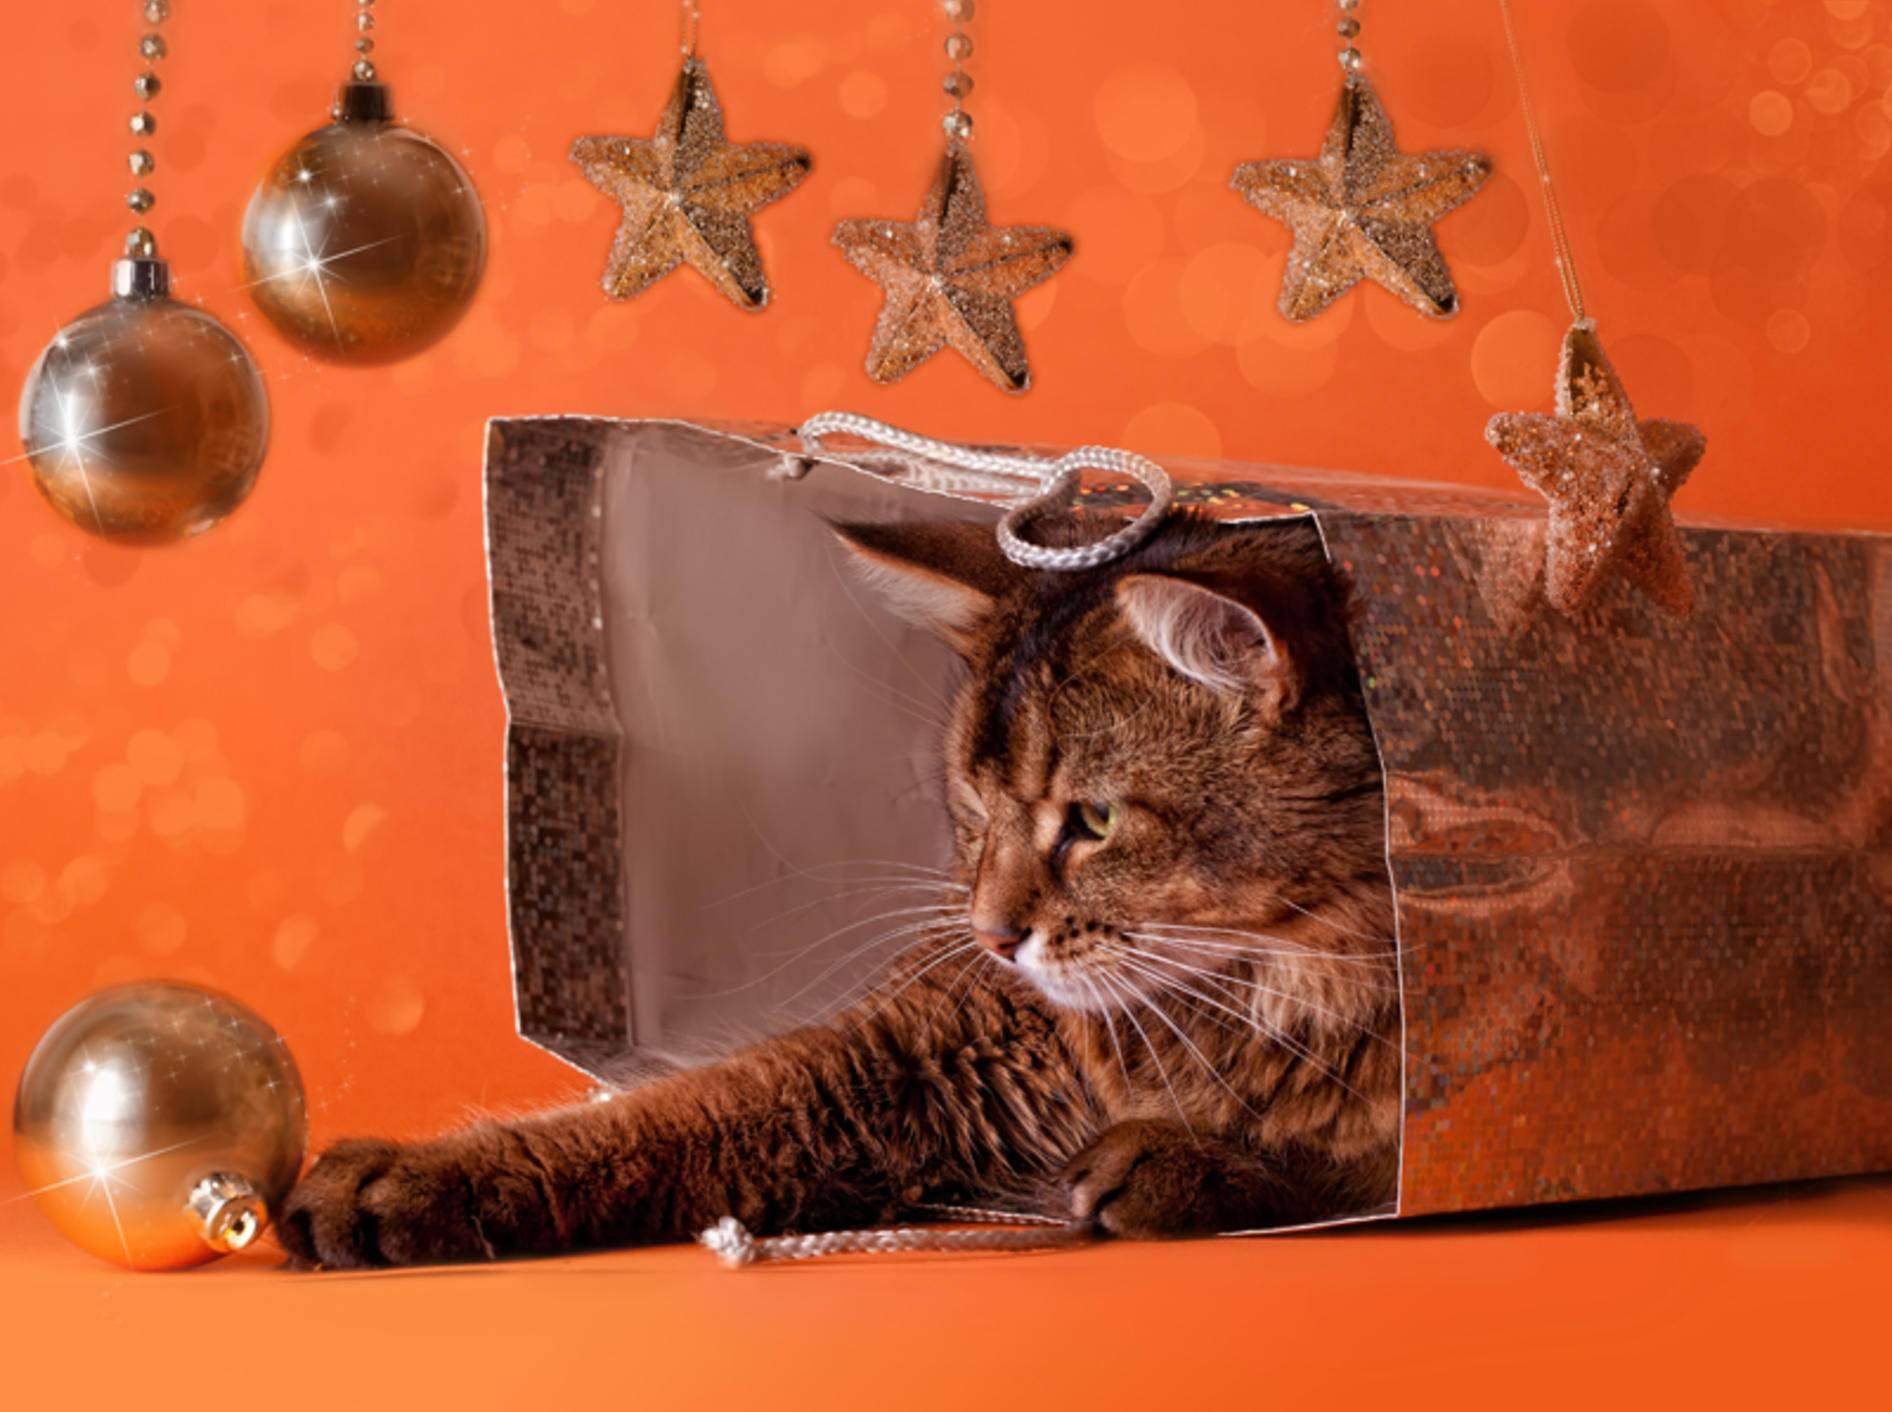 Für die Somali-Katze ist die Weihnachtsgeschenkverpackung das Schönste - Bild: Shutterstock / Julia Shepeleva